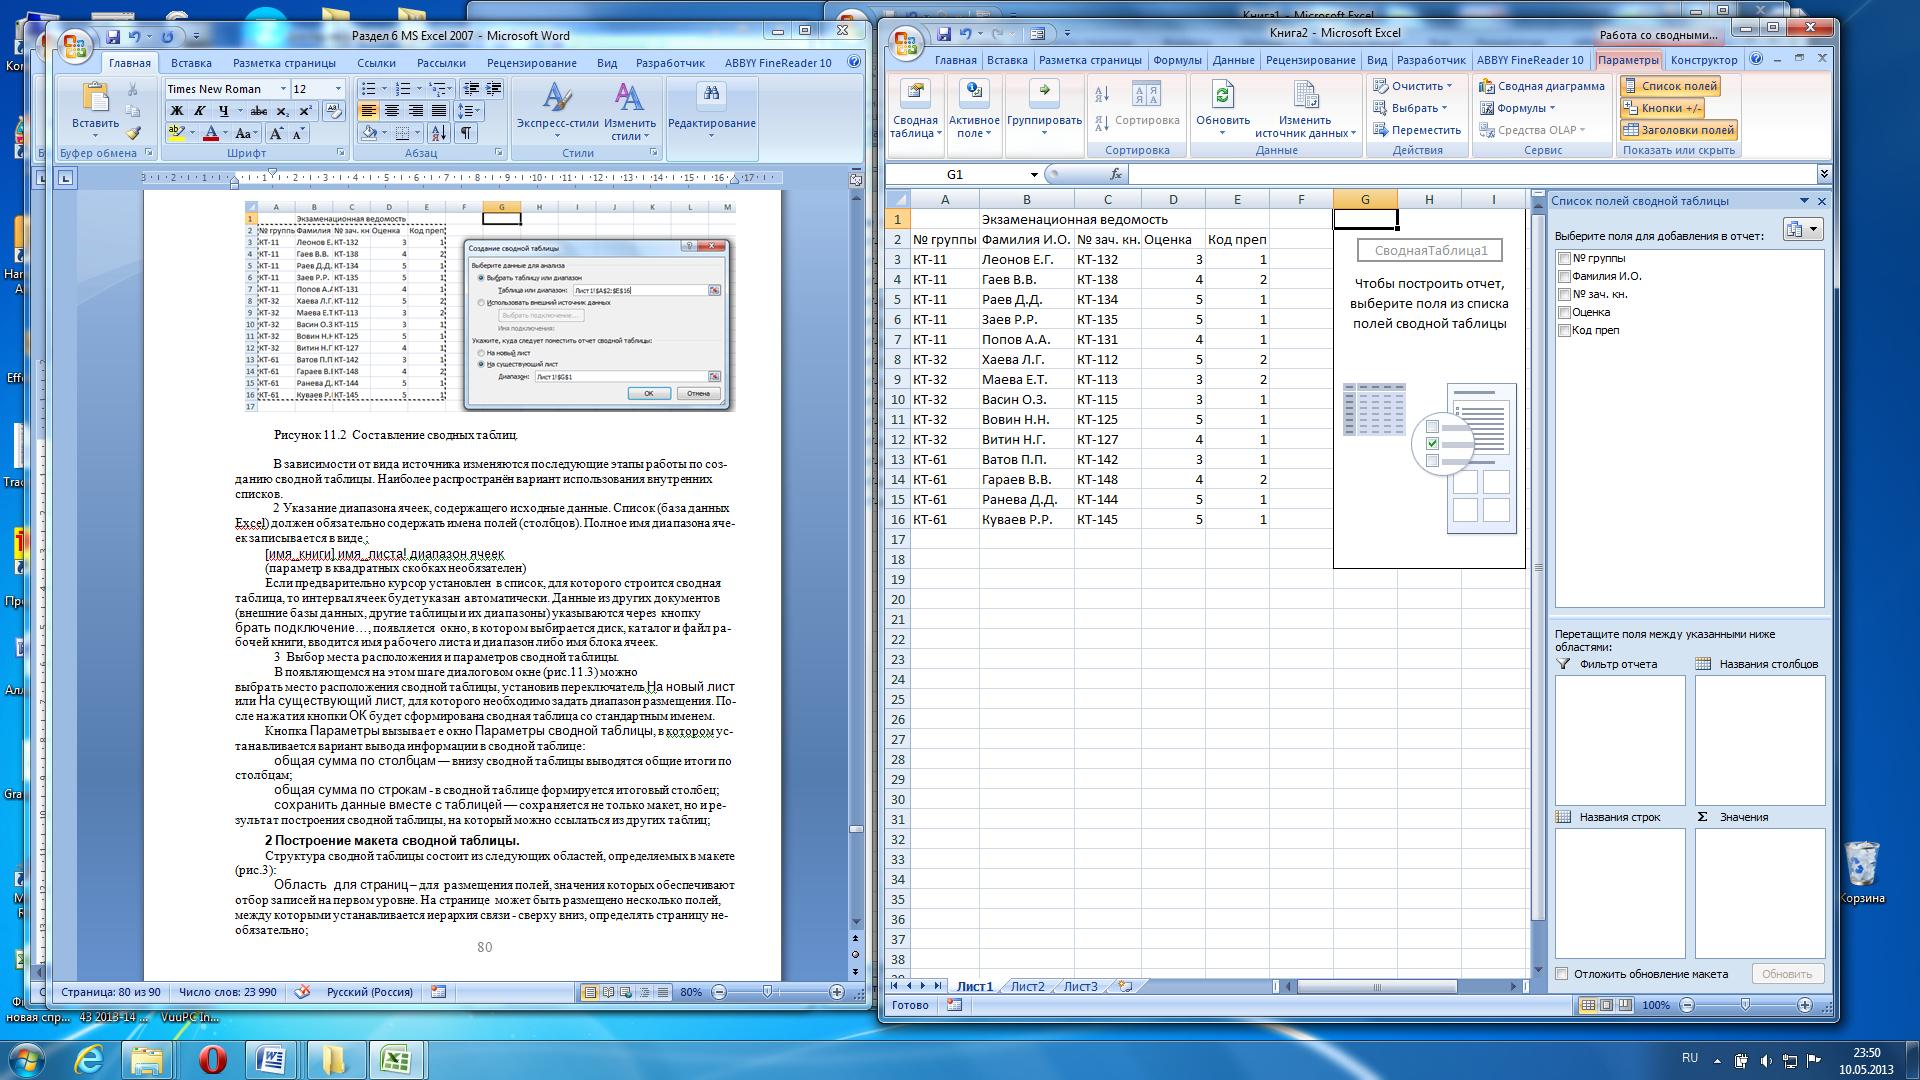 Настройка полей страницы в Word - Word - Microsoft Office Support 8